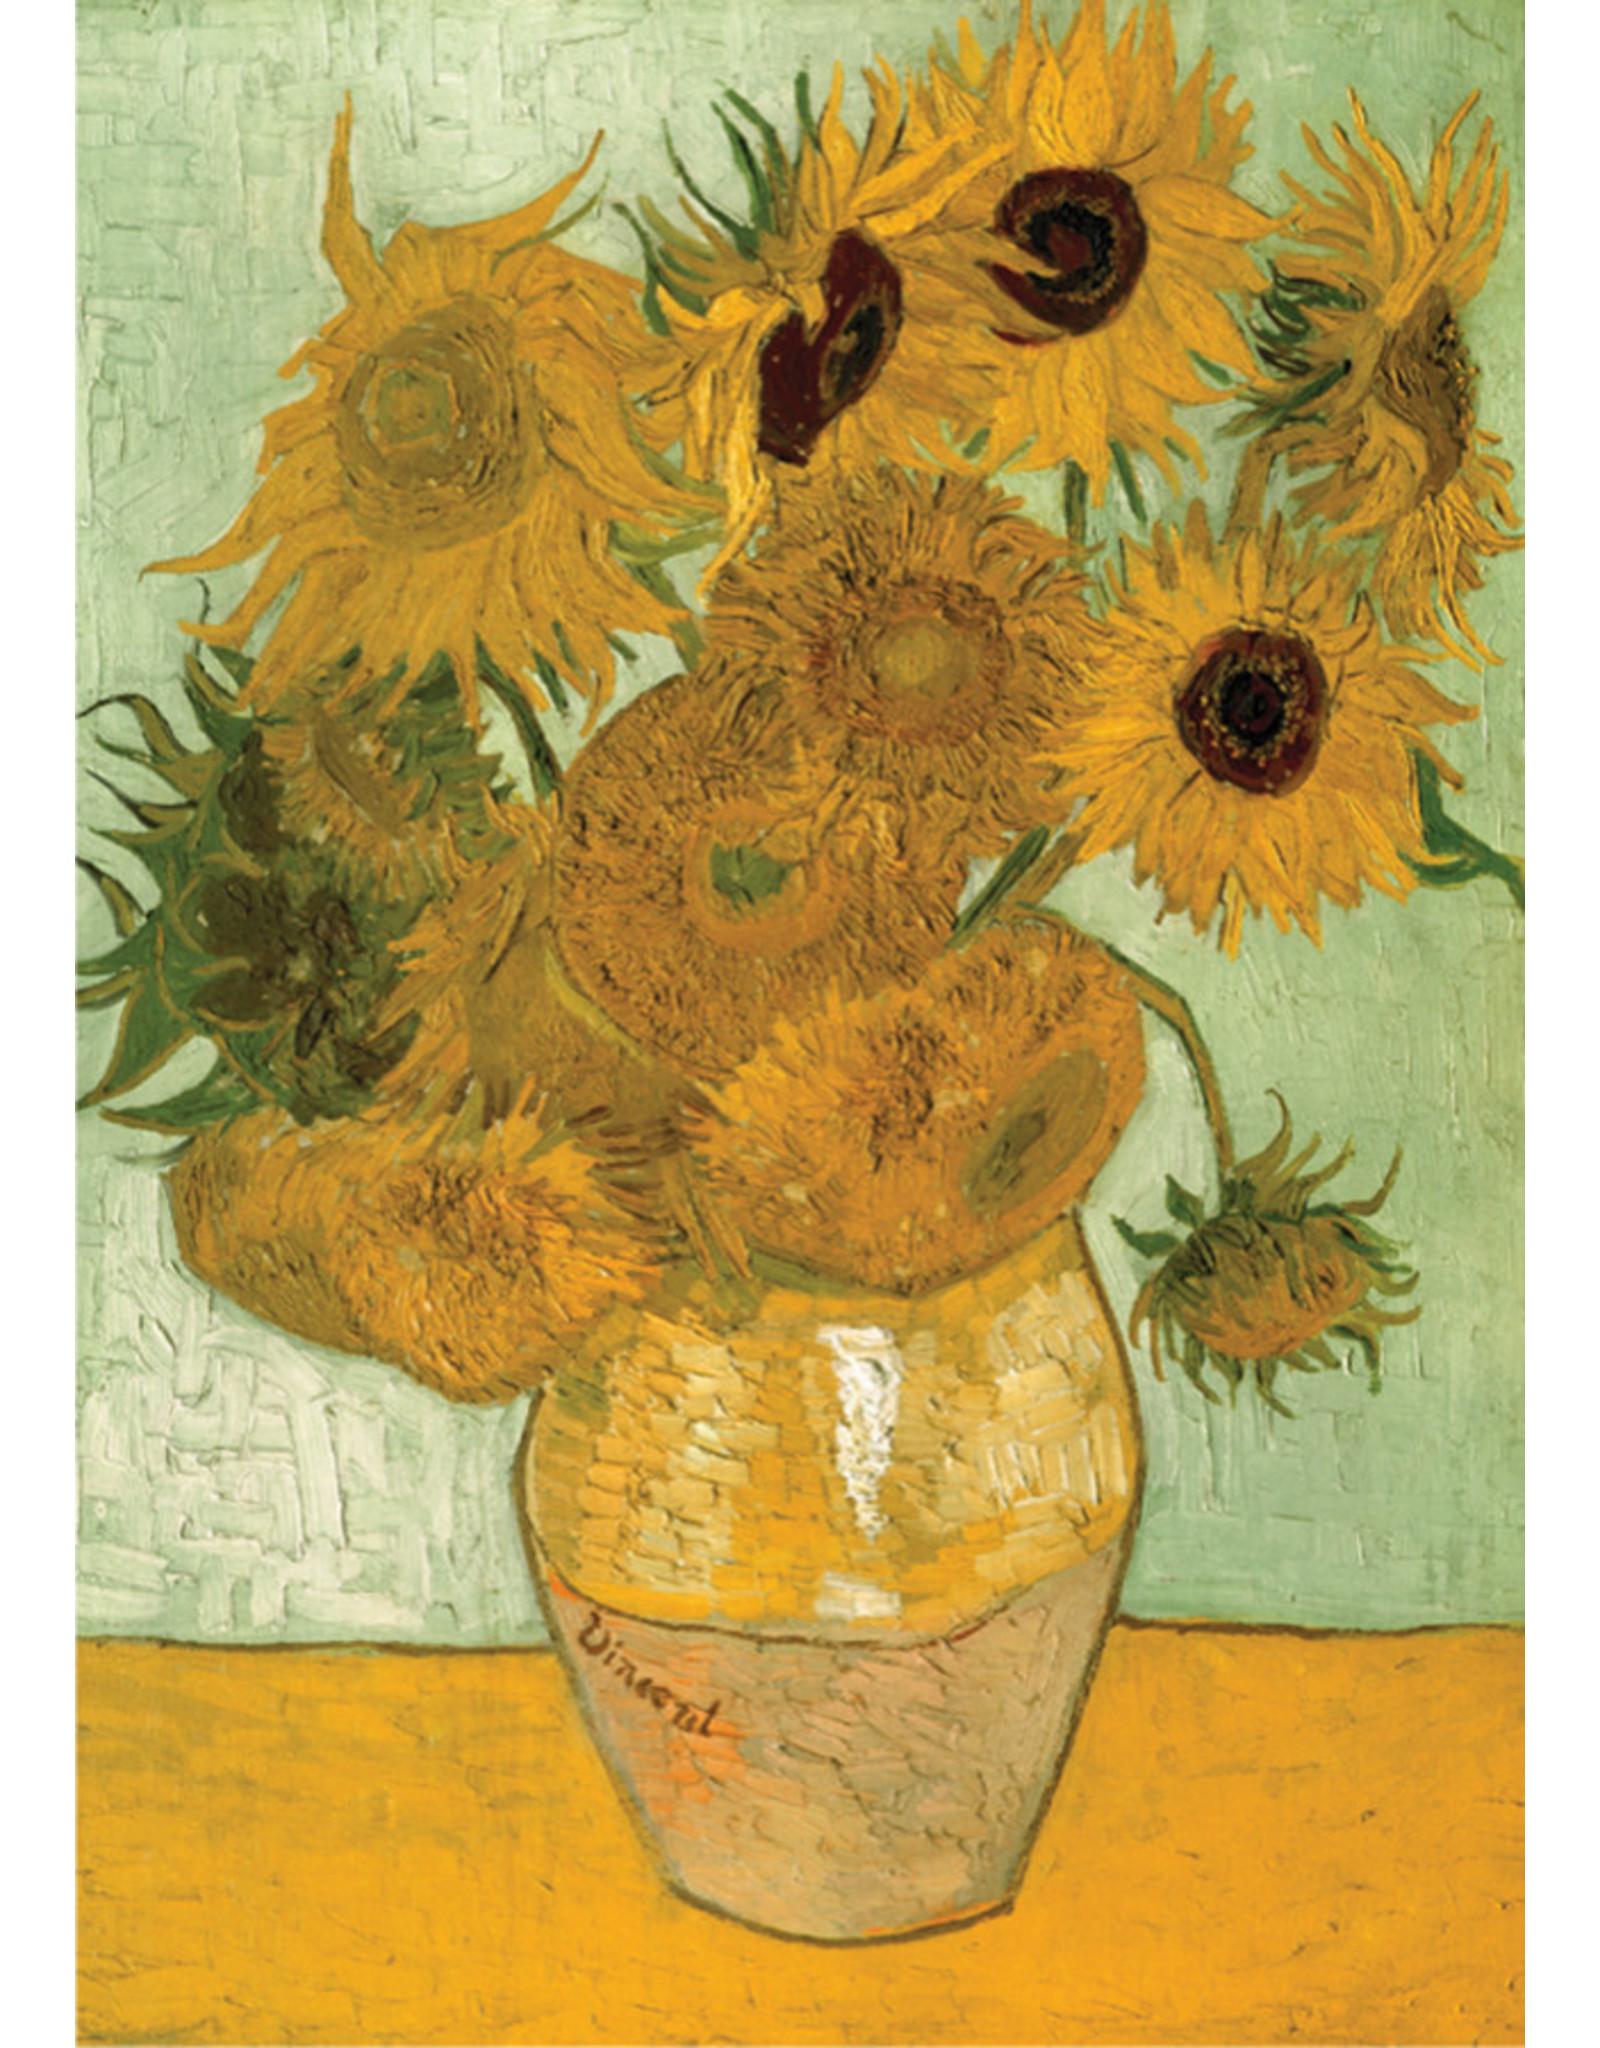 D-Toys 1000 pcs. Sunflowers (Van Gogh) Puzzle